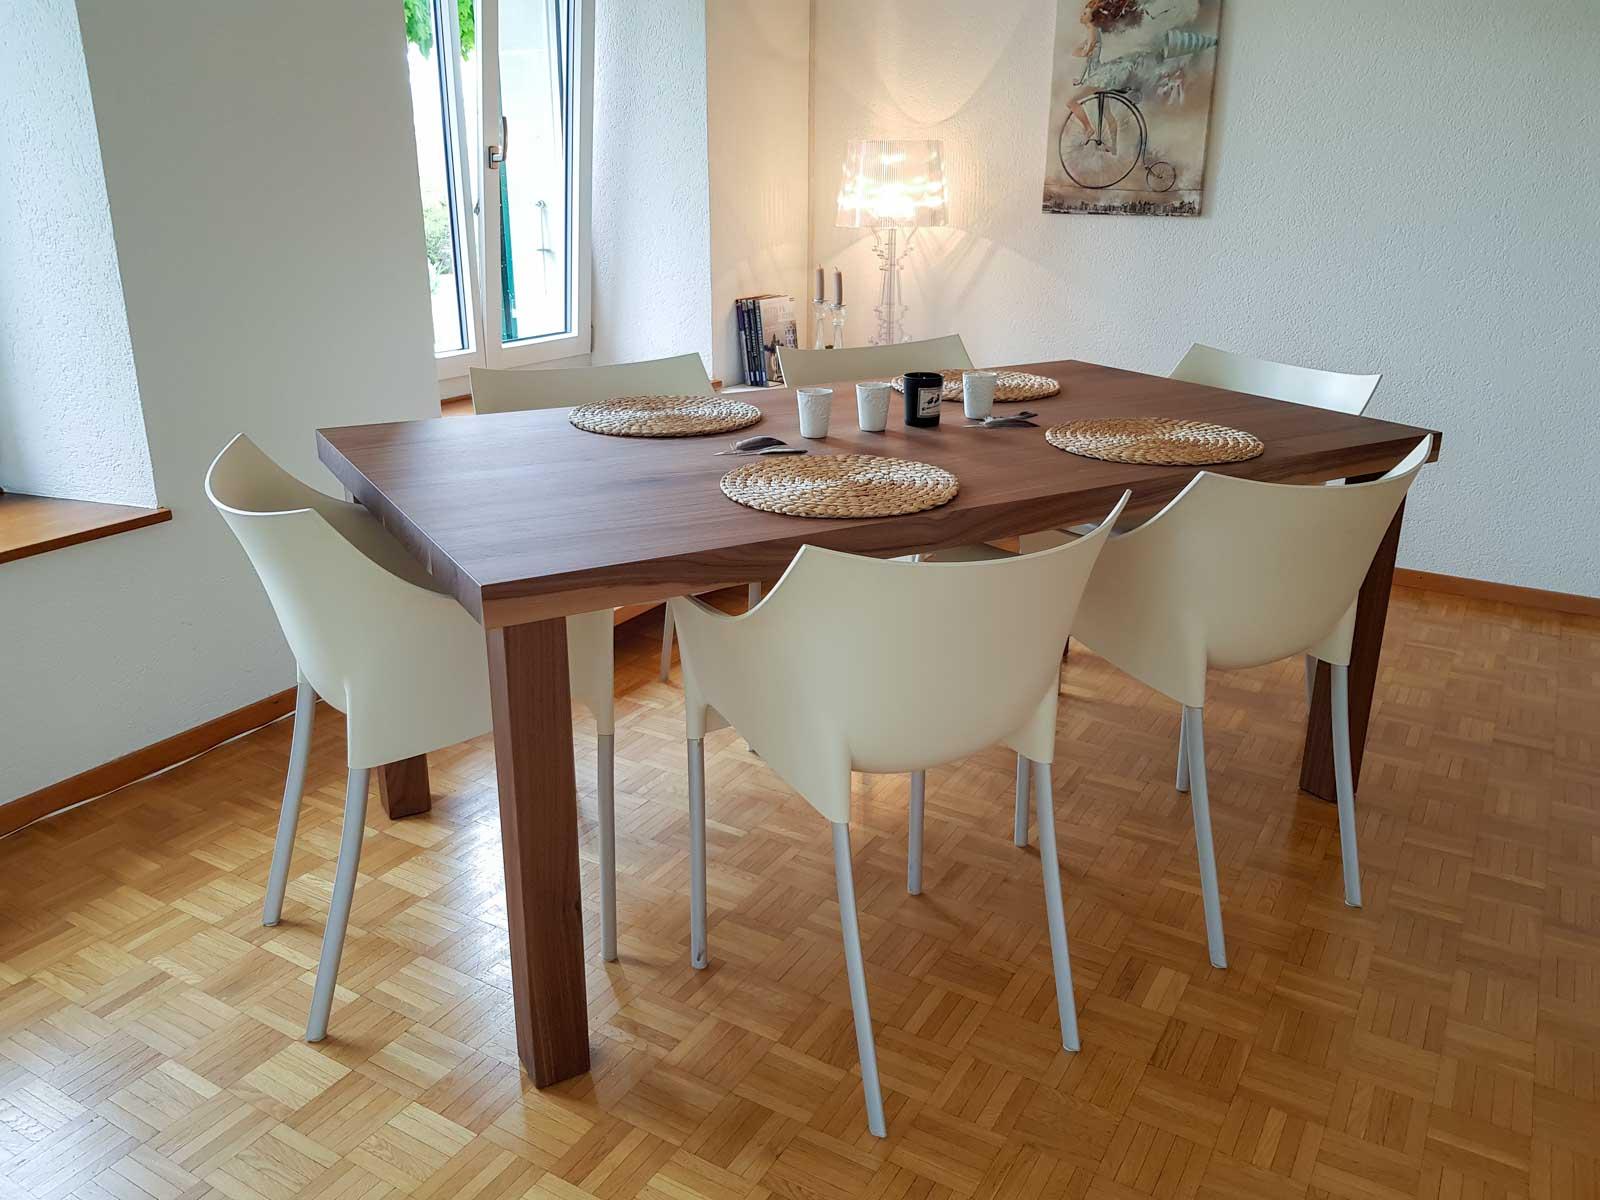 Wooddesign_Tisch_ rechteckig_Nussbaum massiv_Tischbeine aussen (1)